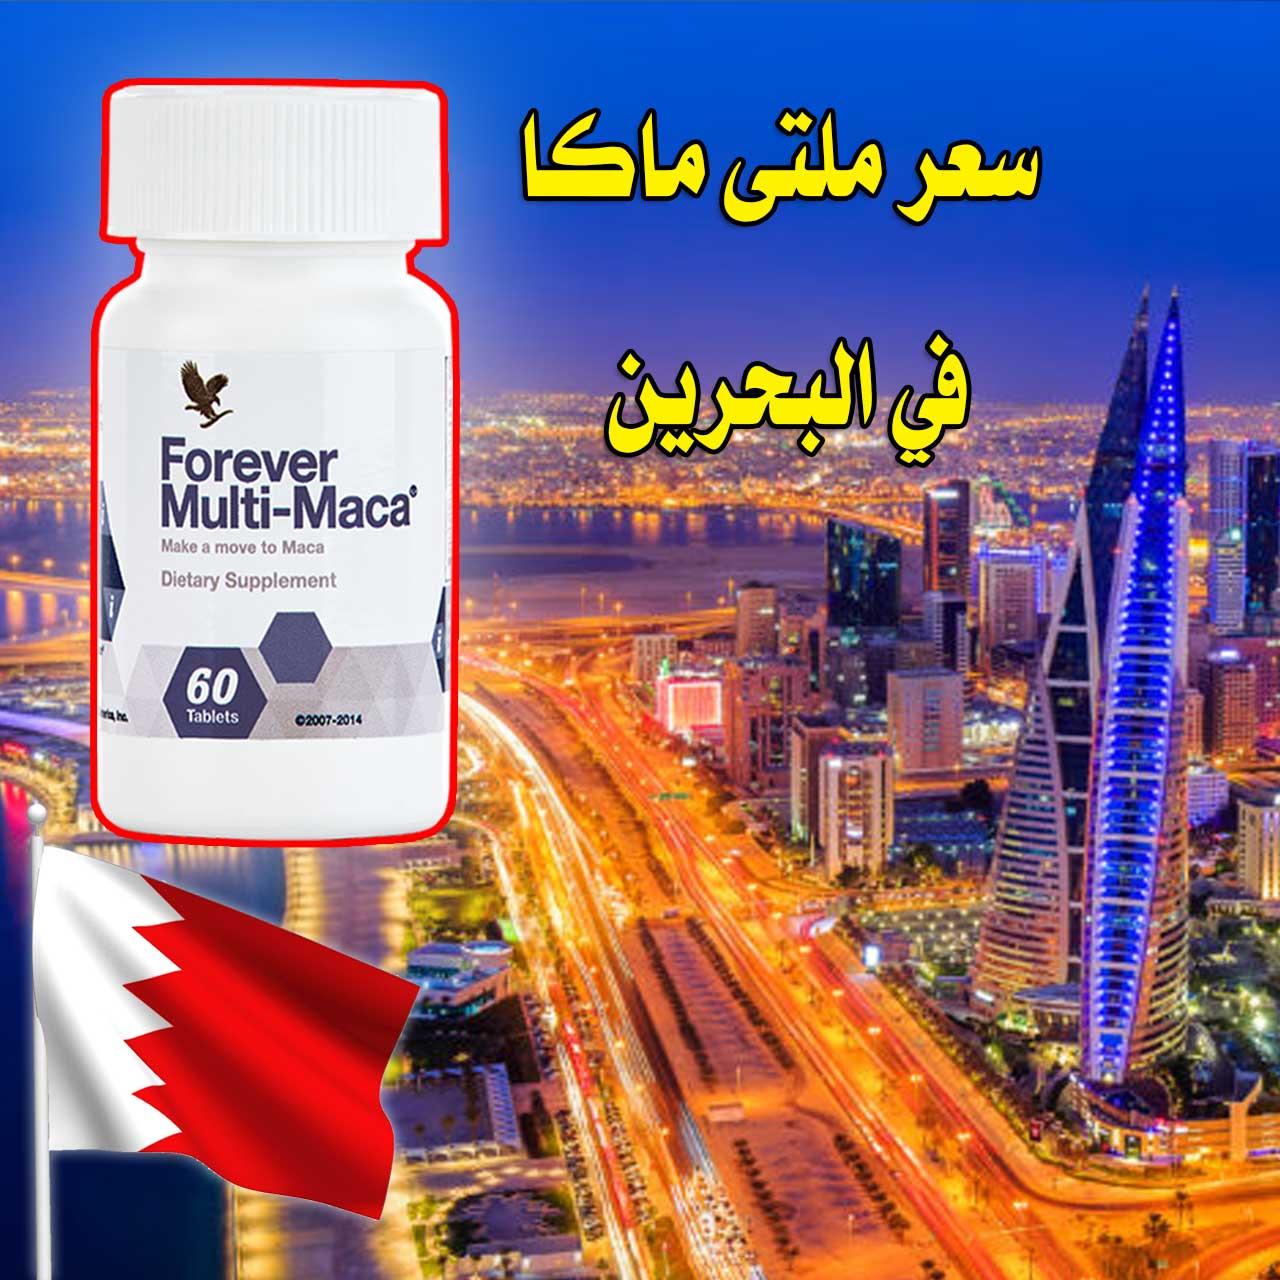 سعر ملتي ماكا في البحرين